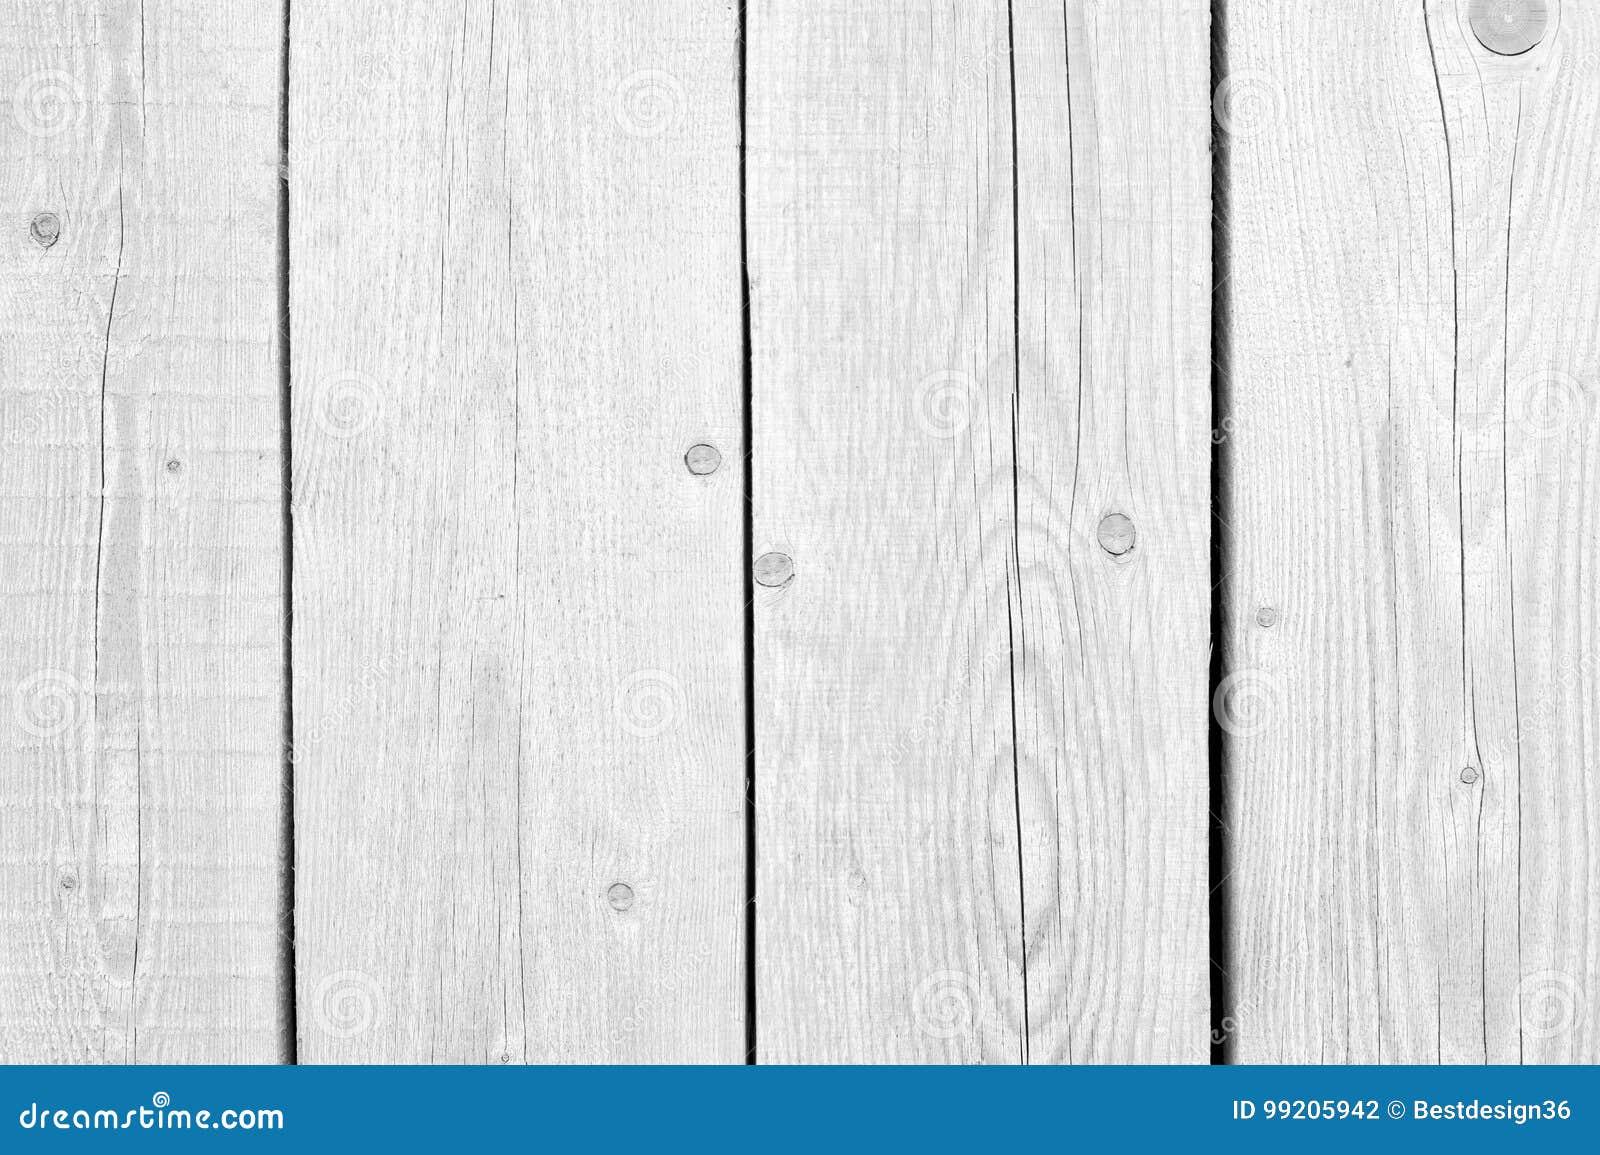 Biały stary drewno lub drewniany nawierzchniowego tła dekoracyjny wzór rocznik deski ściany lub podłoga Minimalna tabletop pokryw